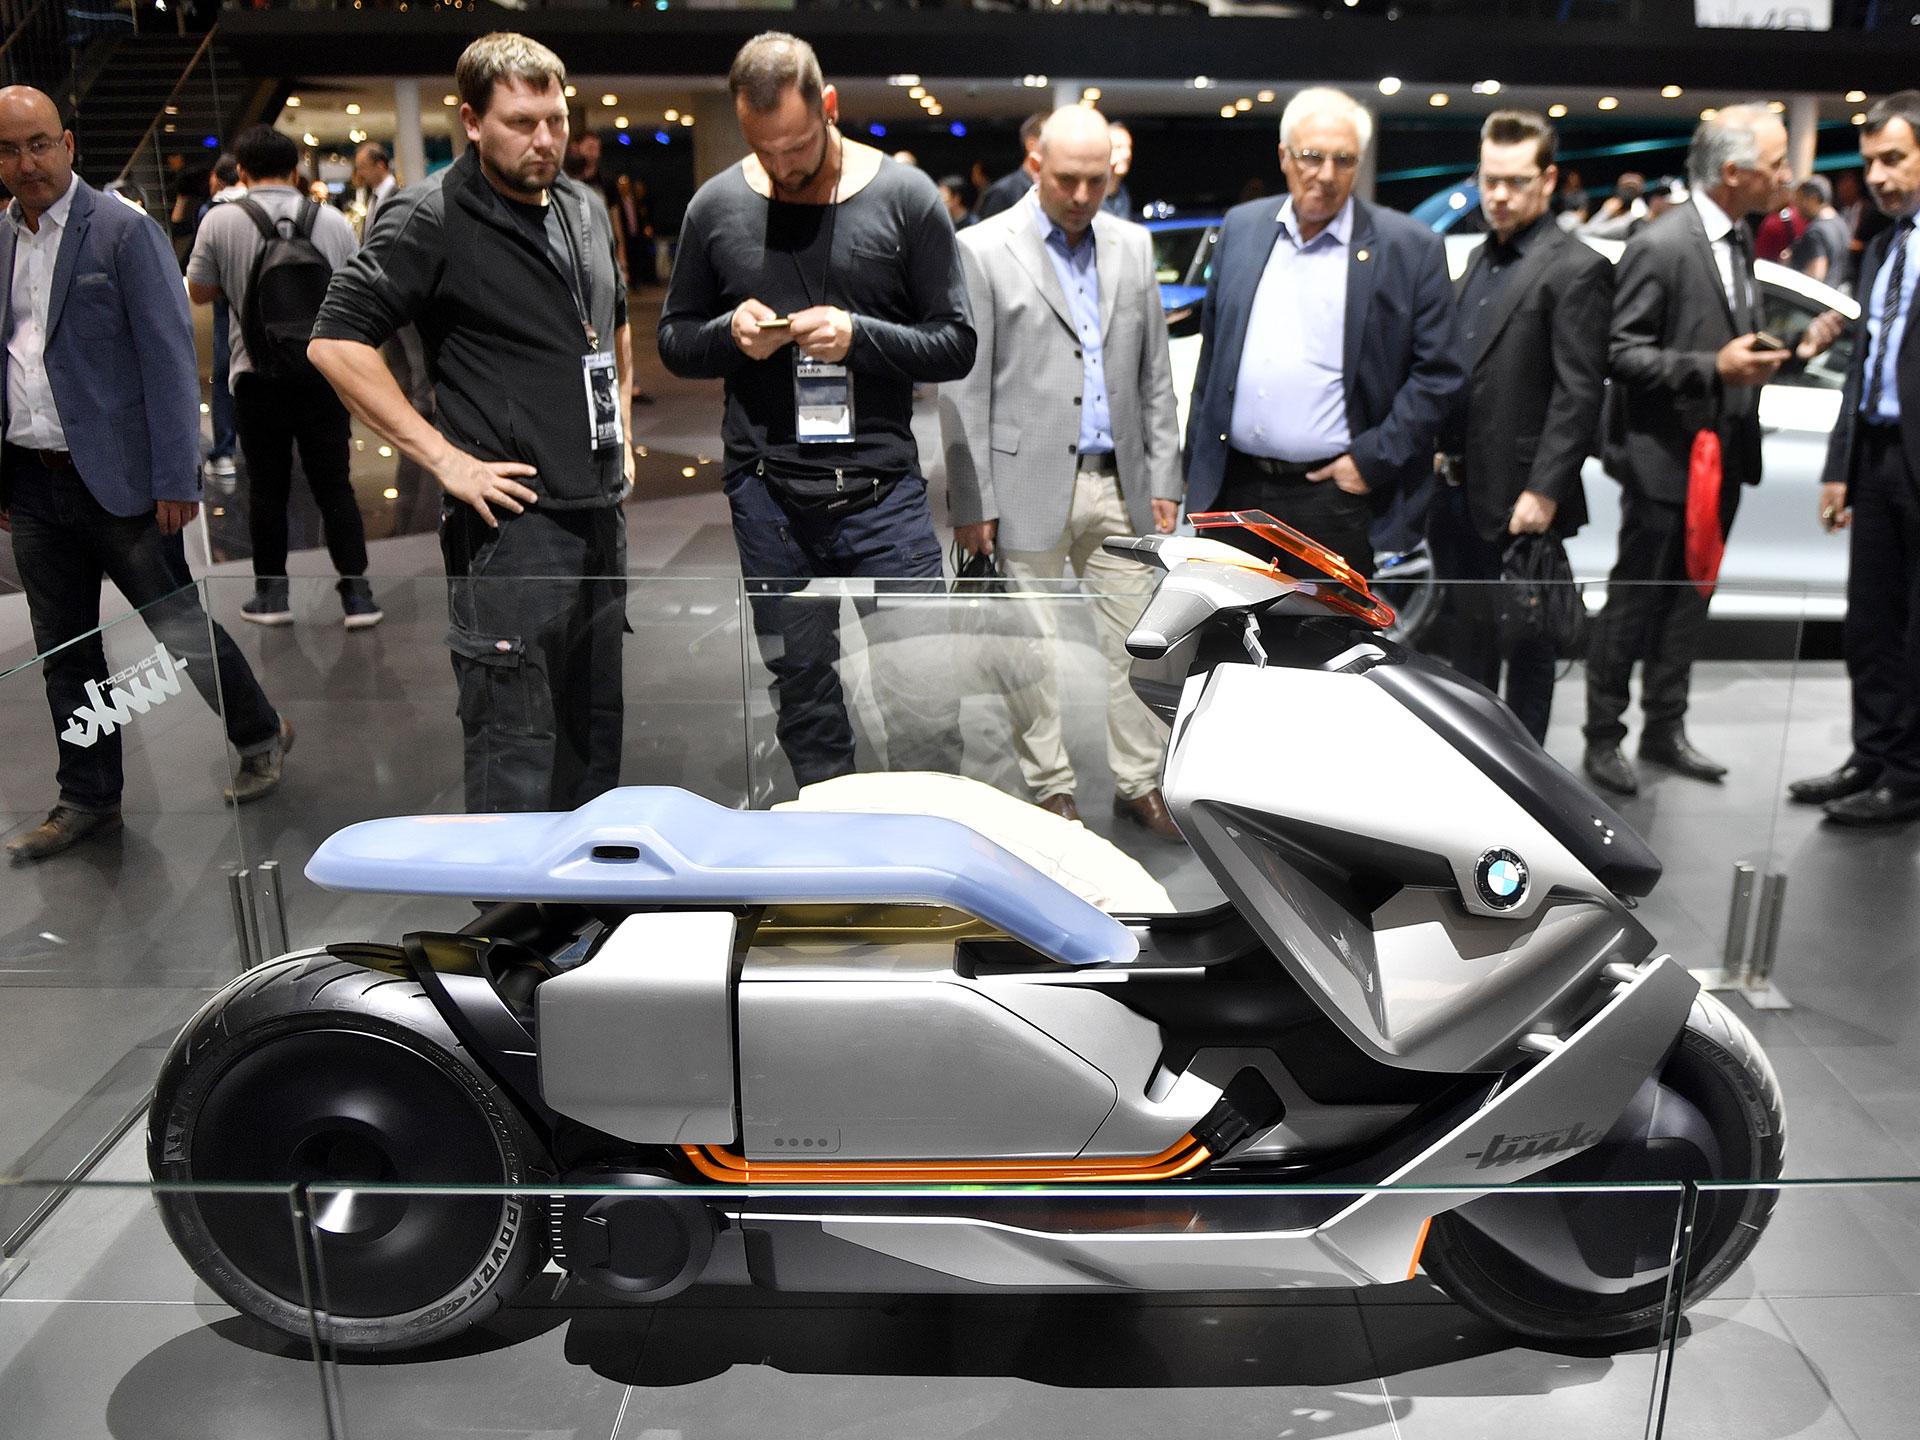 BMW Motorrad asimismo presentó su término Concept Link, una moto eléctrica que aprovecha la conectividad de los dispositivos smartphones para su desempeño. Foto: BMW